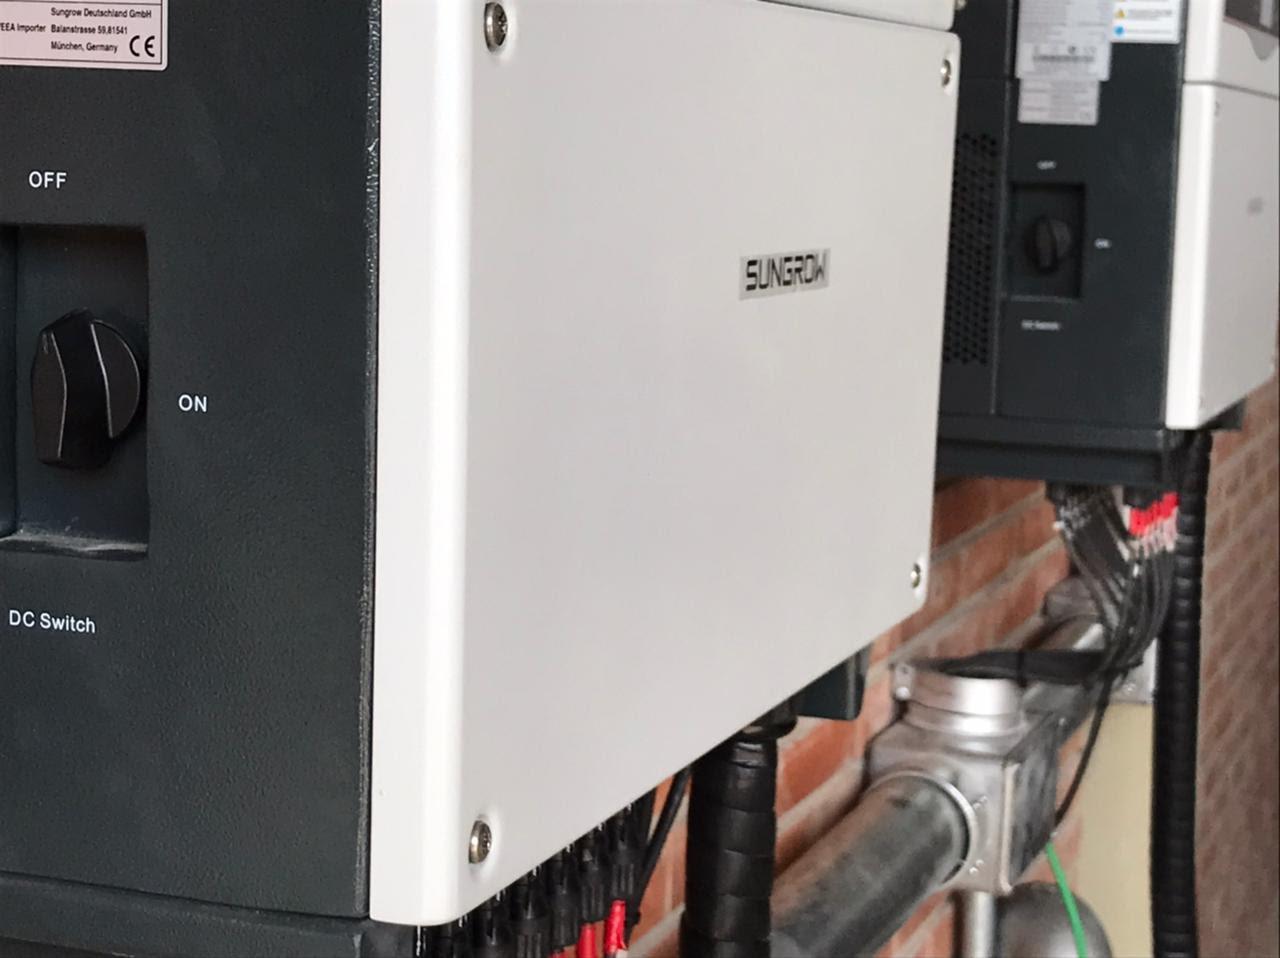 Sede ficará sem energia elétrica para que seja realizada a instalação de energia solar no Clube